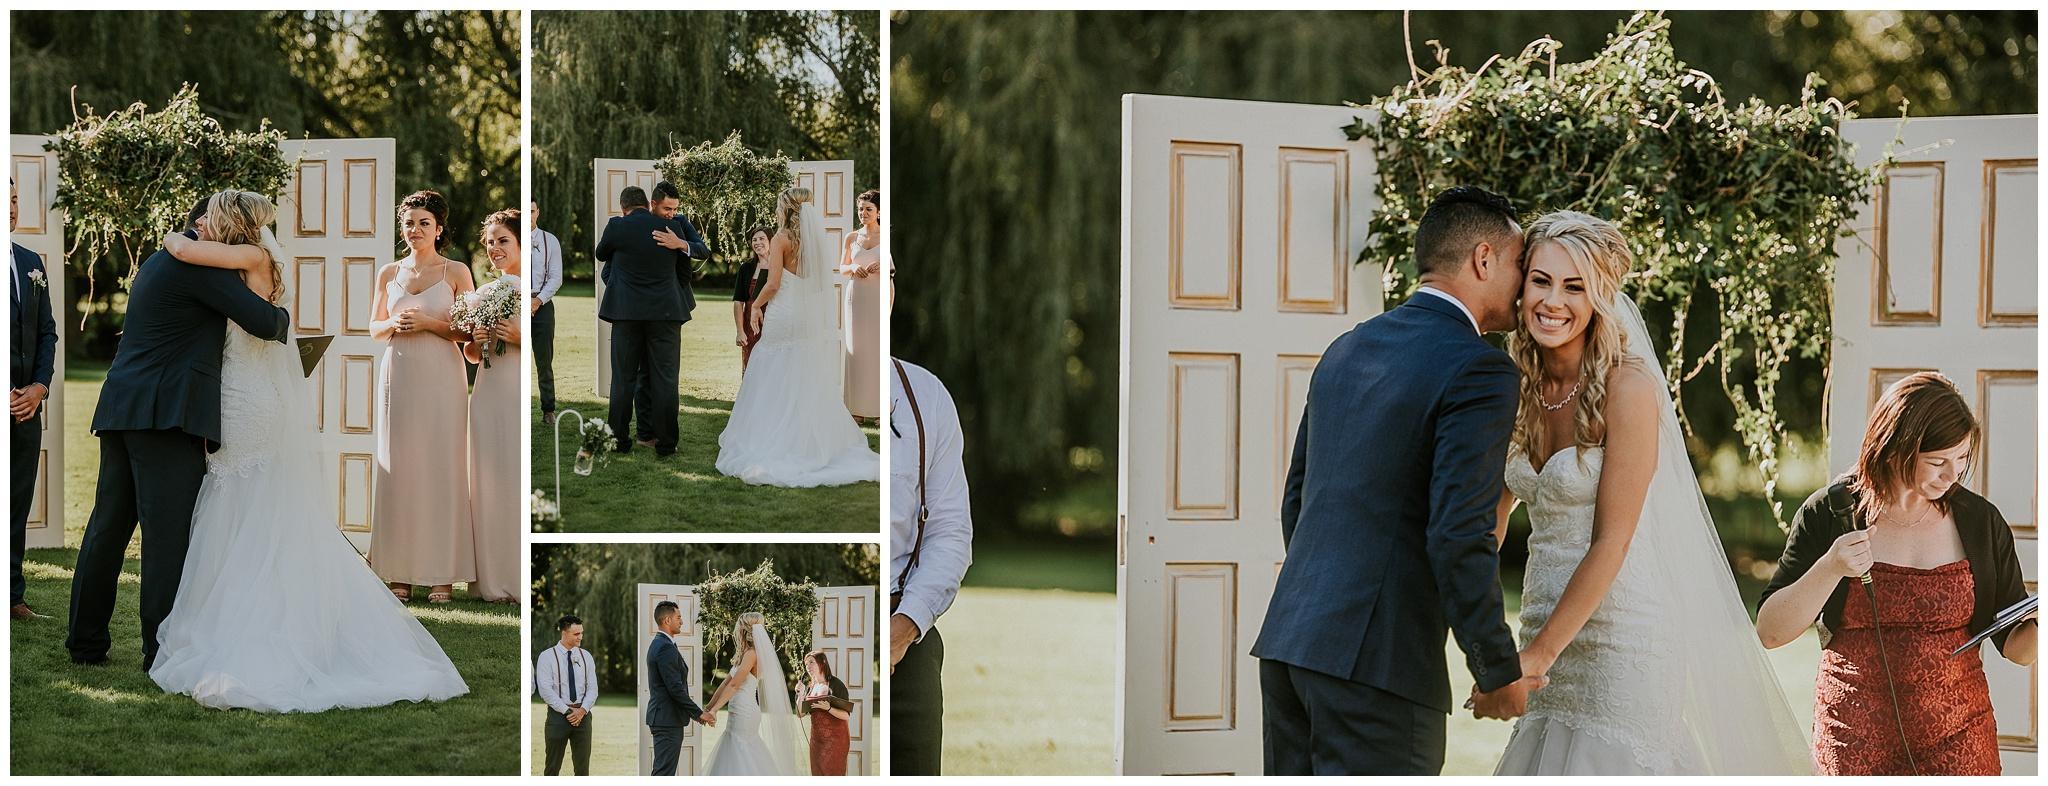 chad-jakalah-christchurch-garden-summer-elegant-auckland-wedding-photographer_0025.jpg